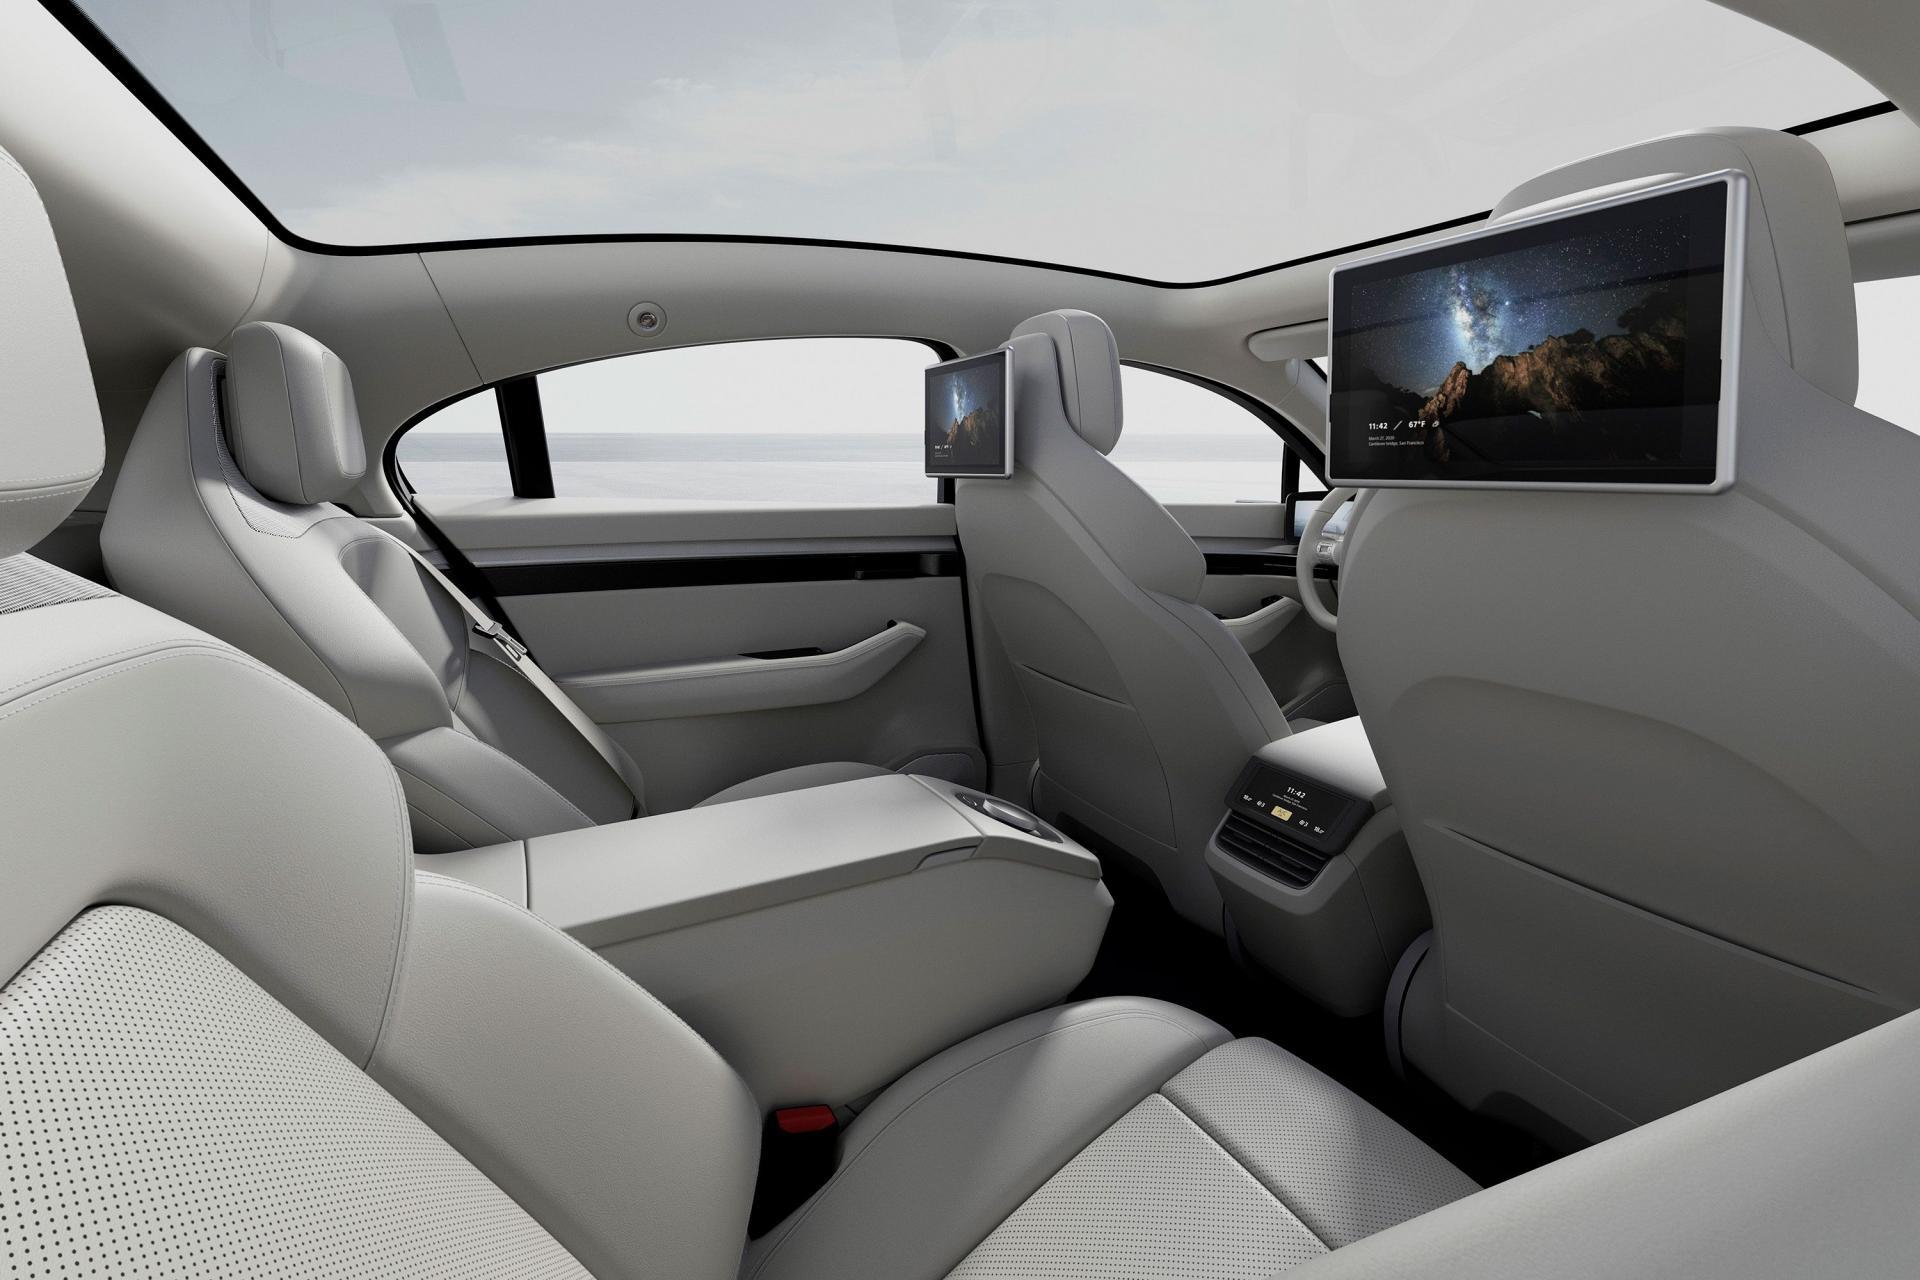 Sony bất ngờ ra mắt mẫu xe điện Vision-S tại CES 2020 - 10